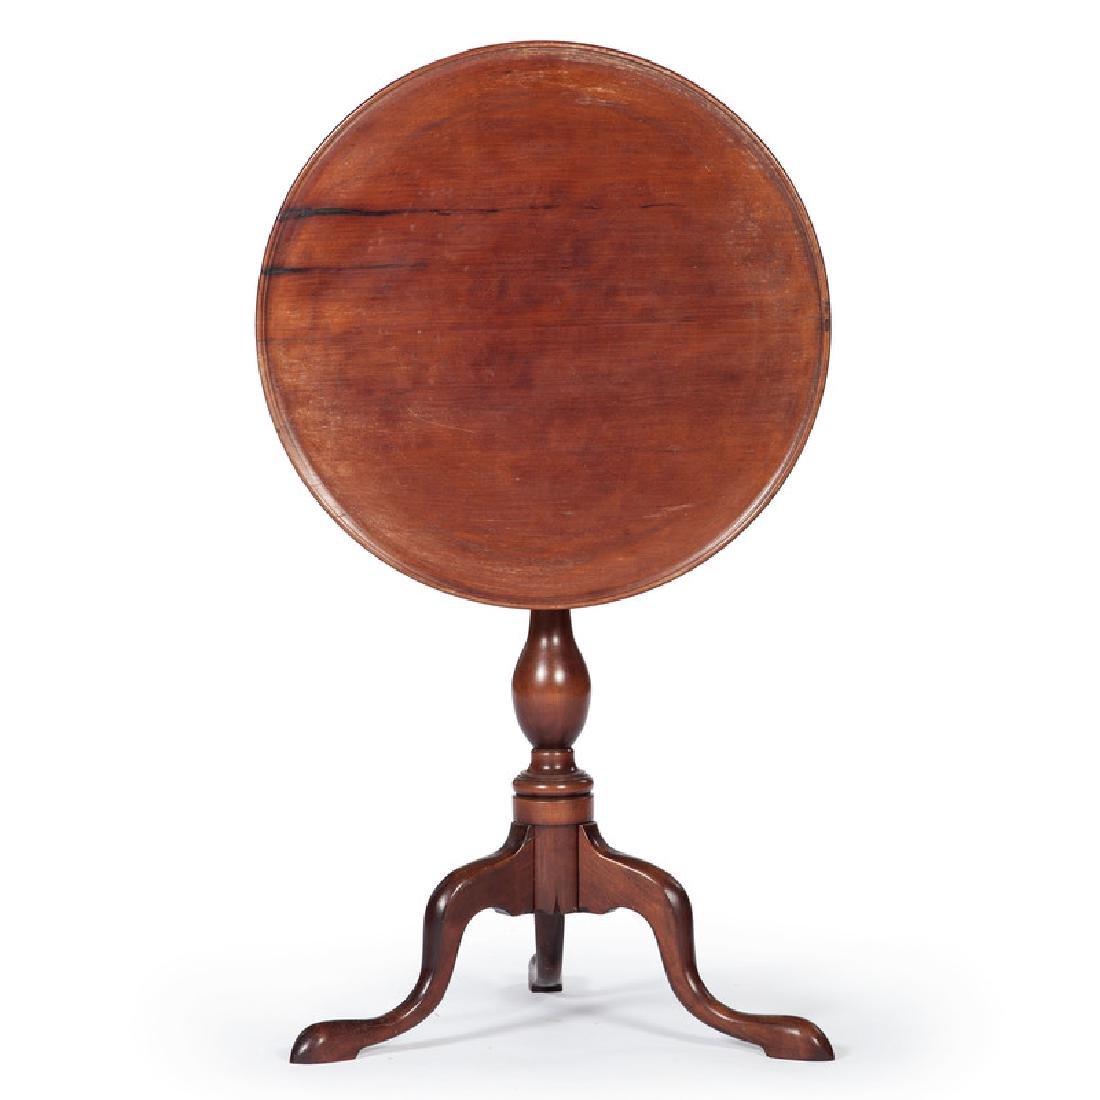 American Queen Anne Tilt Top Table